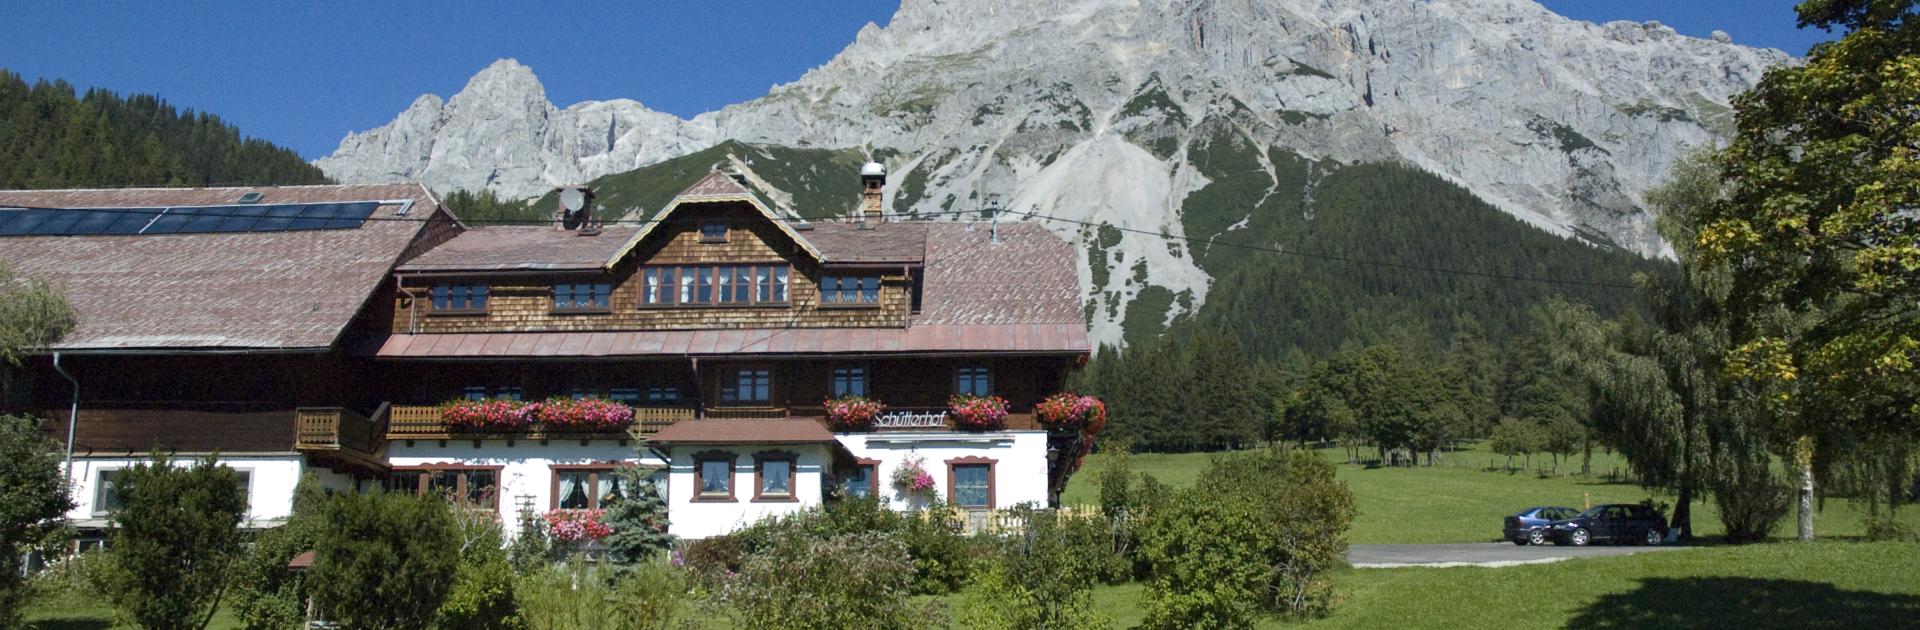 Schütterhof in Ramsau am Dachstein